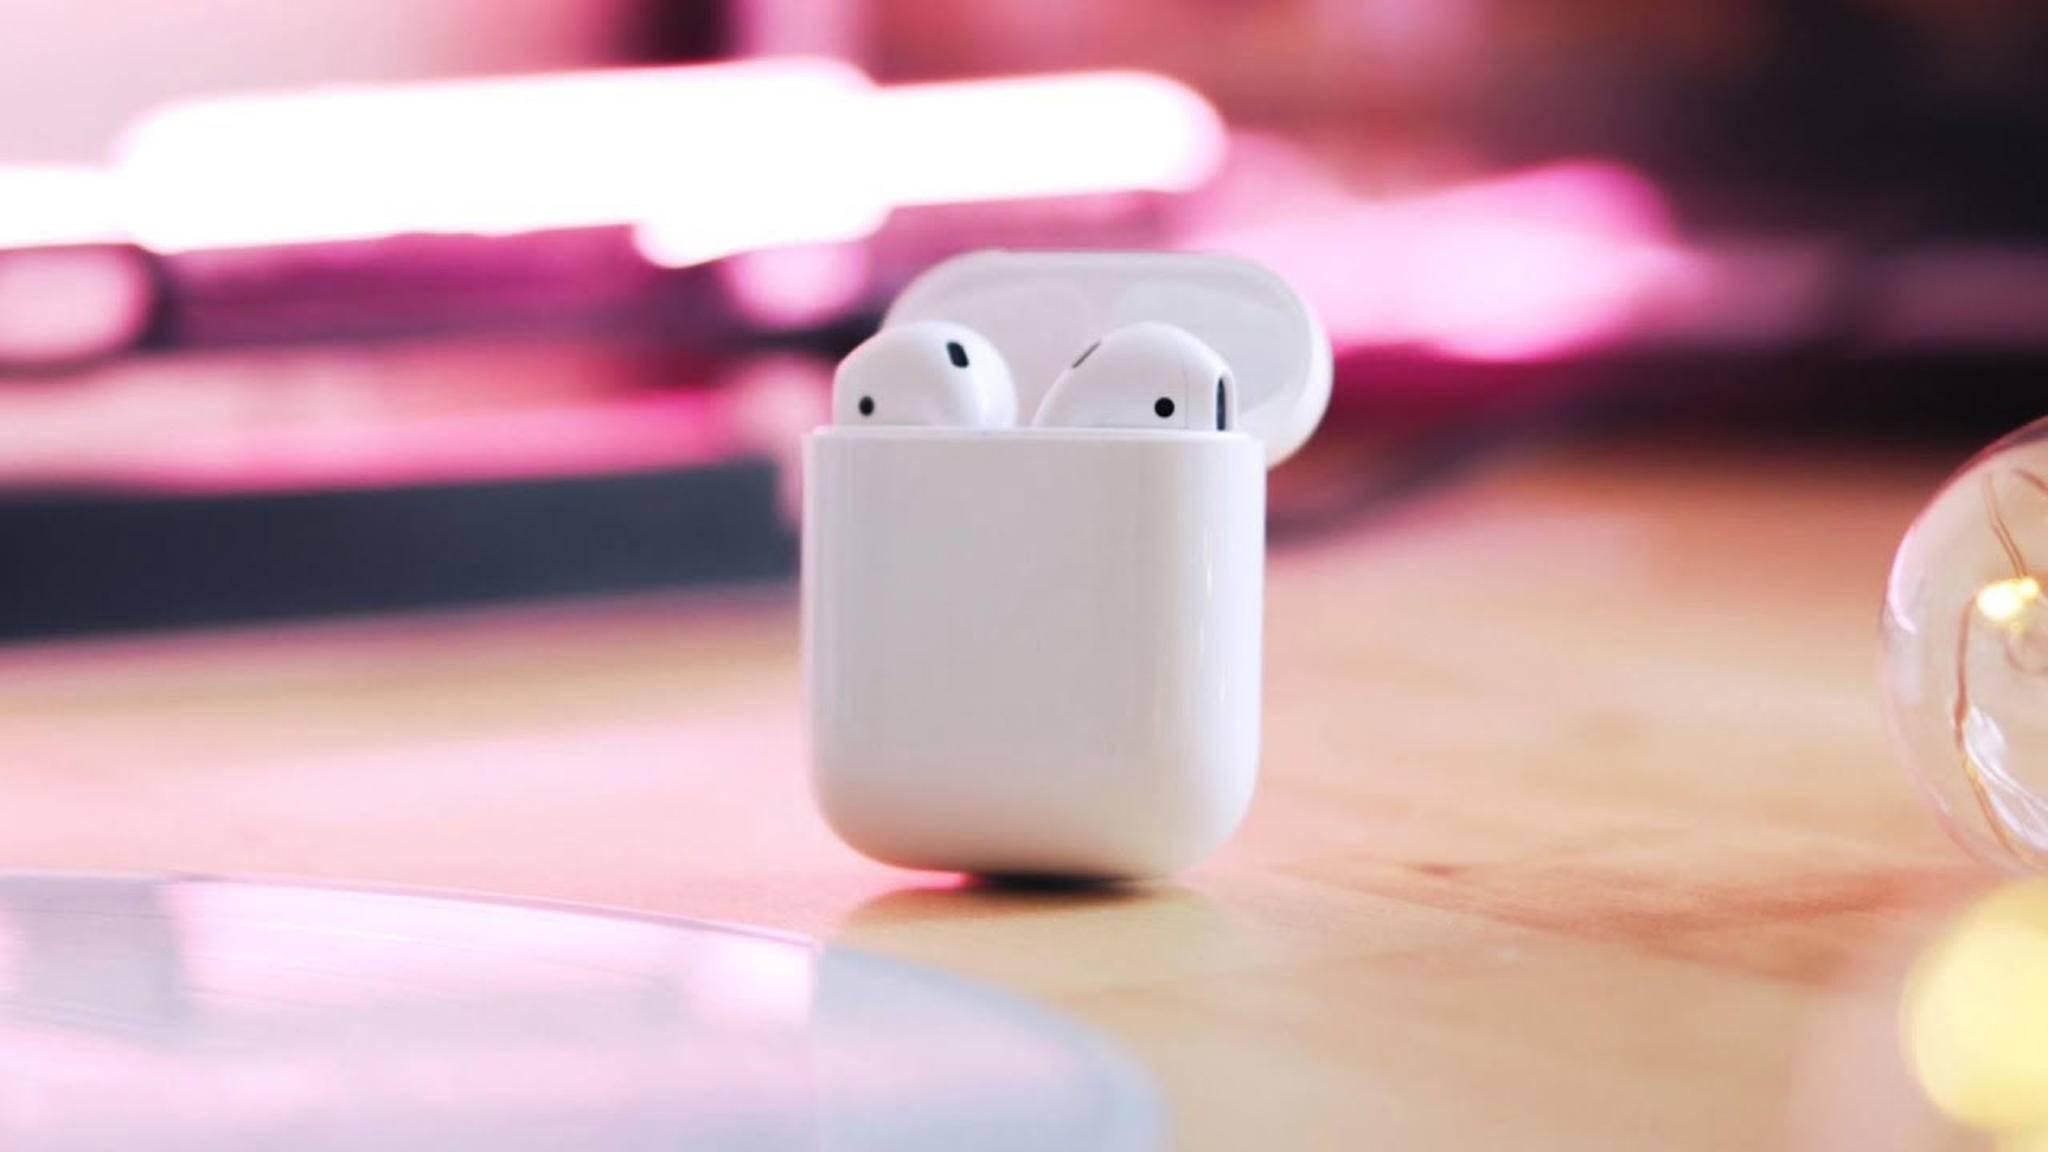 Vom Induktionsladegerät für mehrere Geräte bis zur stylishen Schutzhülle: Wir stellen das beste Zubehör für Apples AirPods vor.